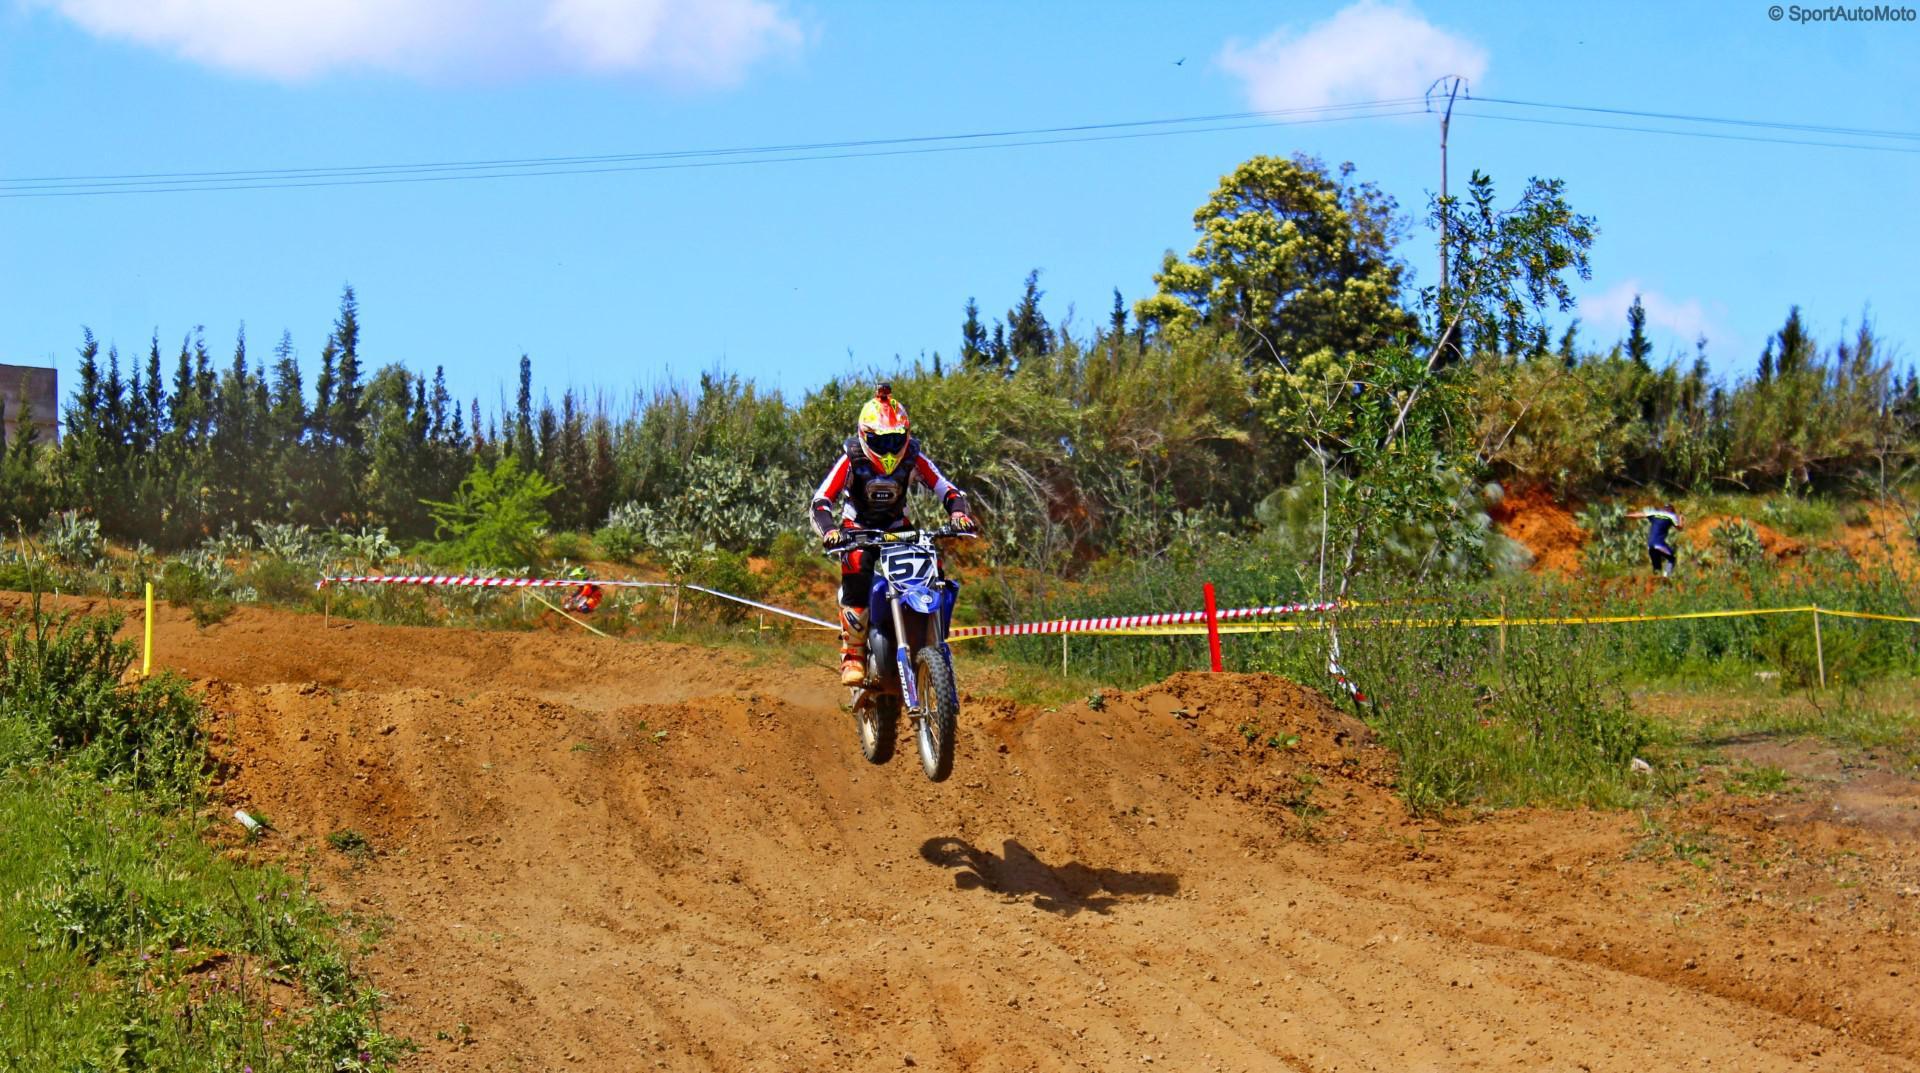 championnat-du-maroc-de-motocross-kenitra-774-36.jpg